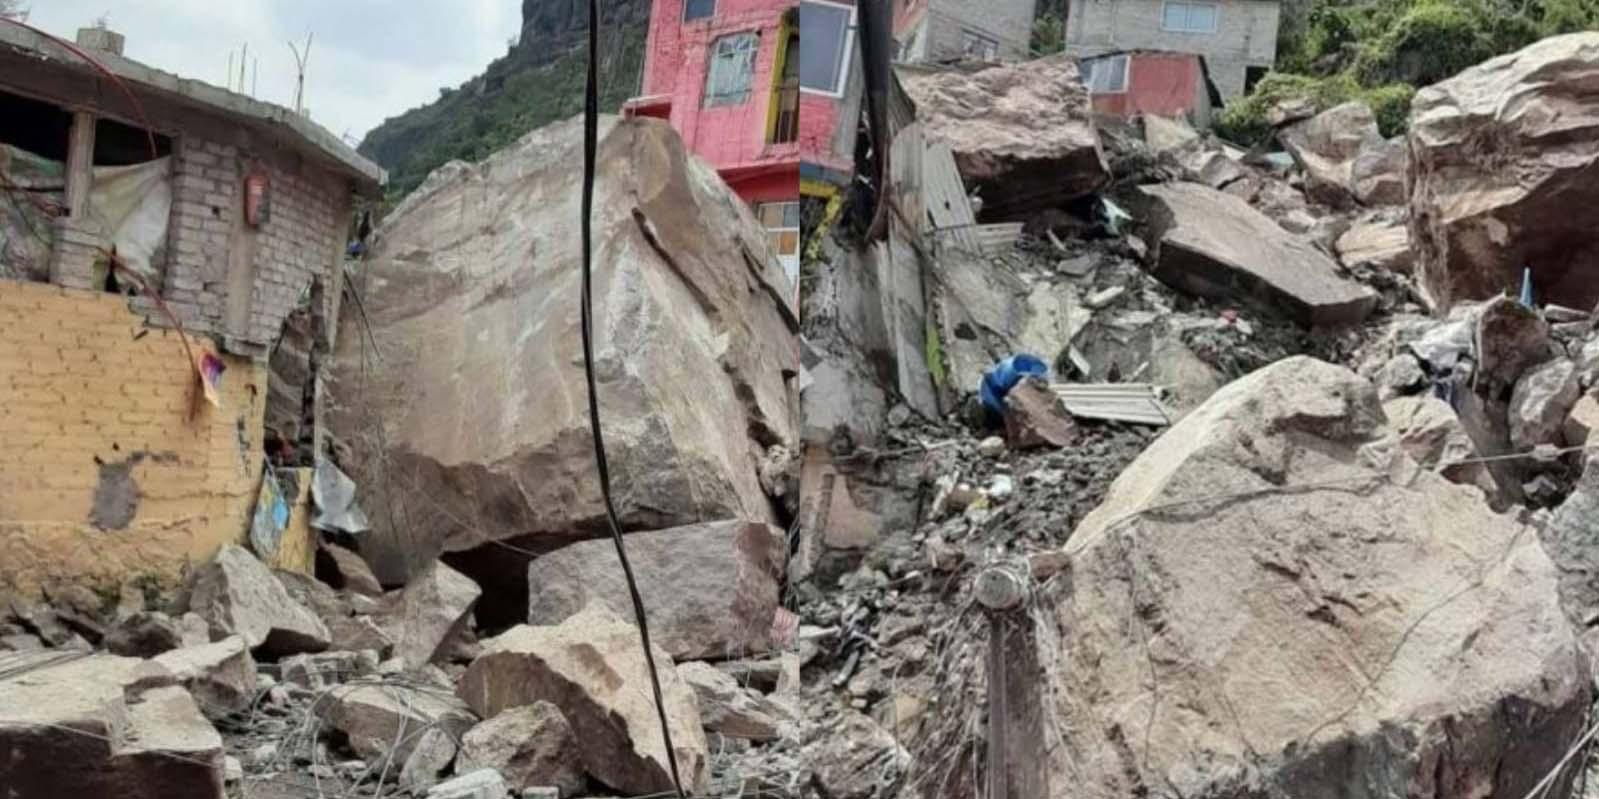 Se desgaja Cerro del Chiquihuite en Tlalnepantla; hay personas atrapadas bajo escombros   El Imparcial de Oaxaca